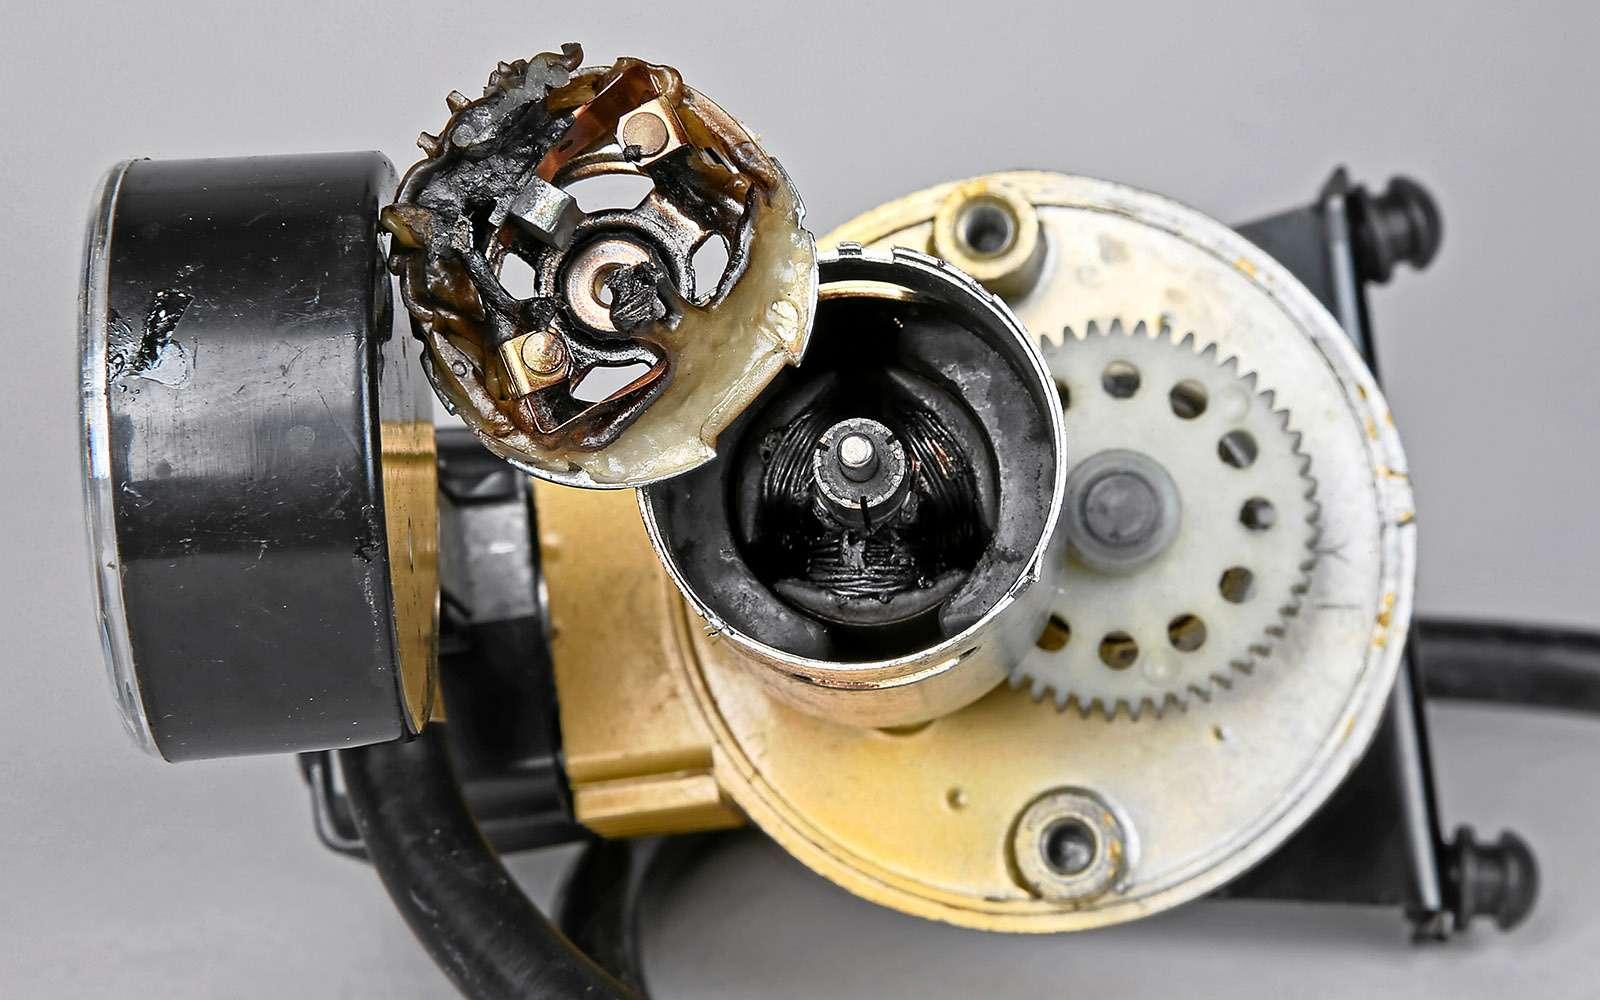 Тест бюджетных шинных компрессоров: неправильные пчелы— фото 708497